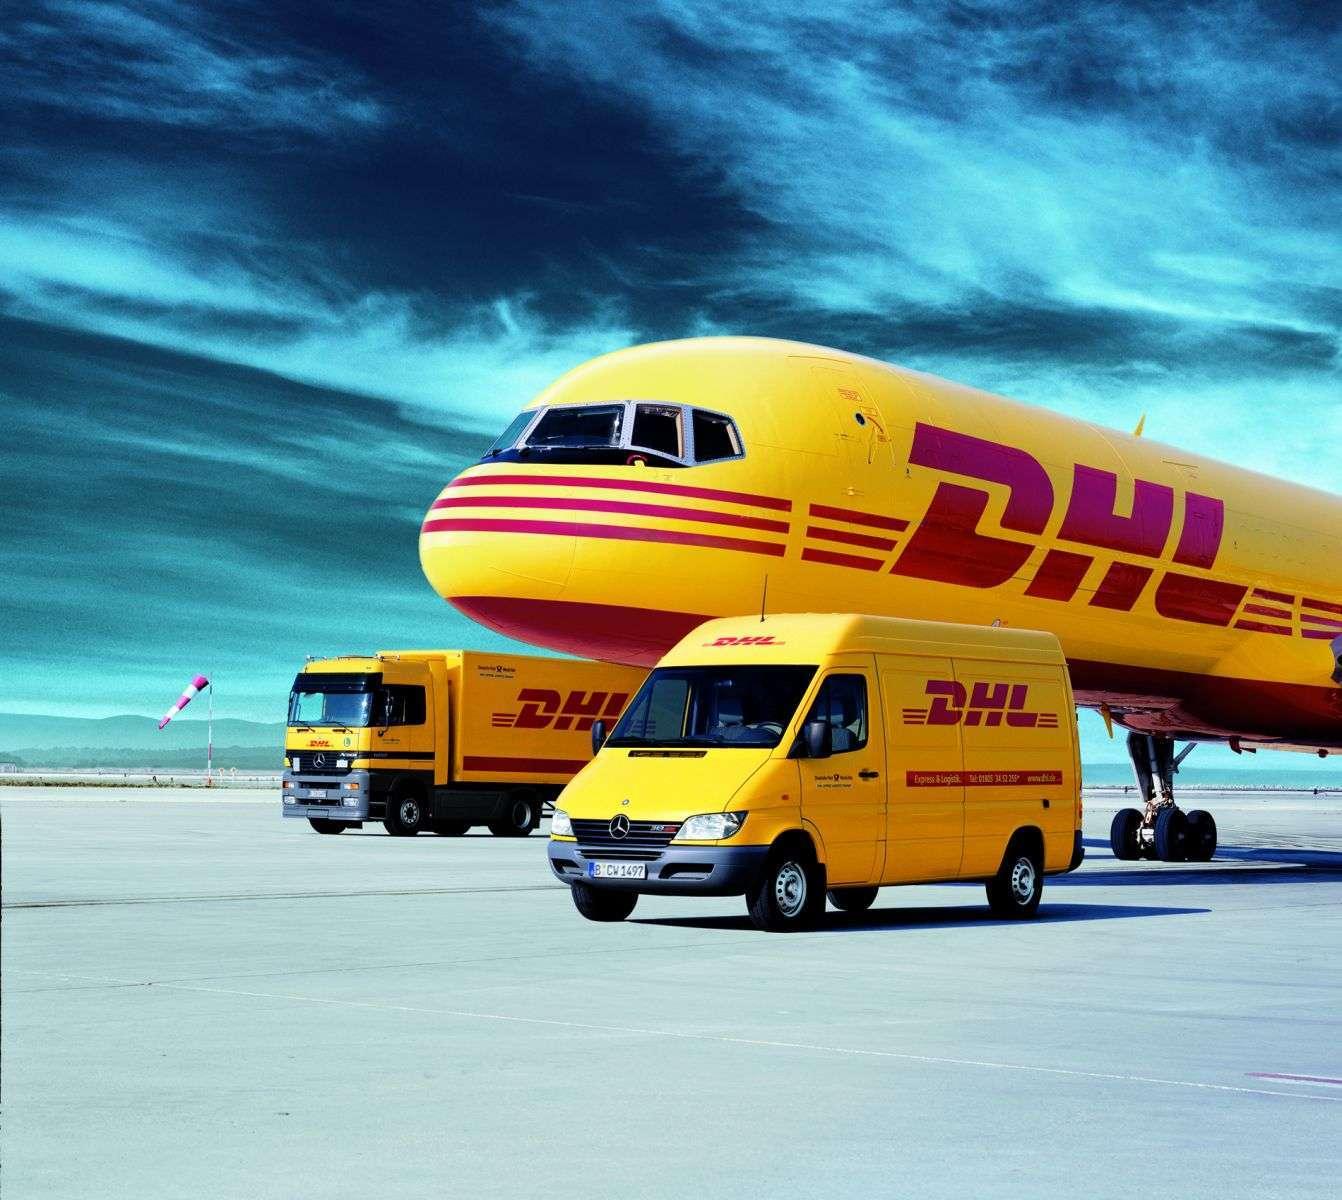 Best 54 DHL Wallpaper on HipWallpaper DHL International 1342x1200